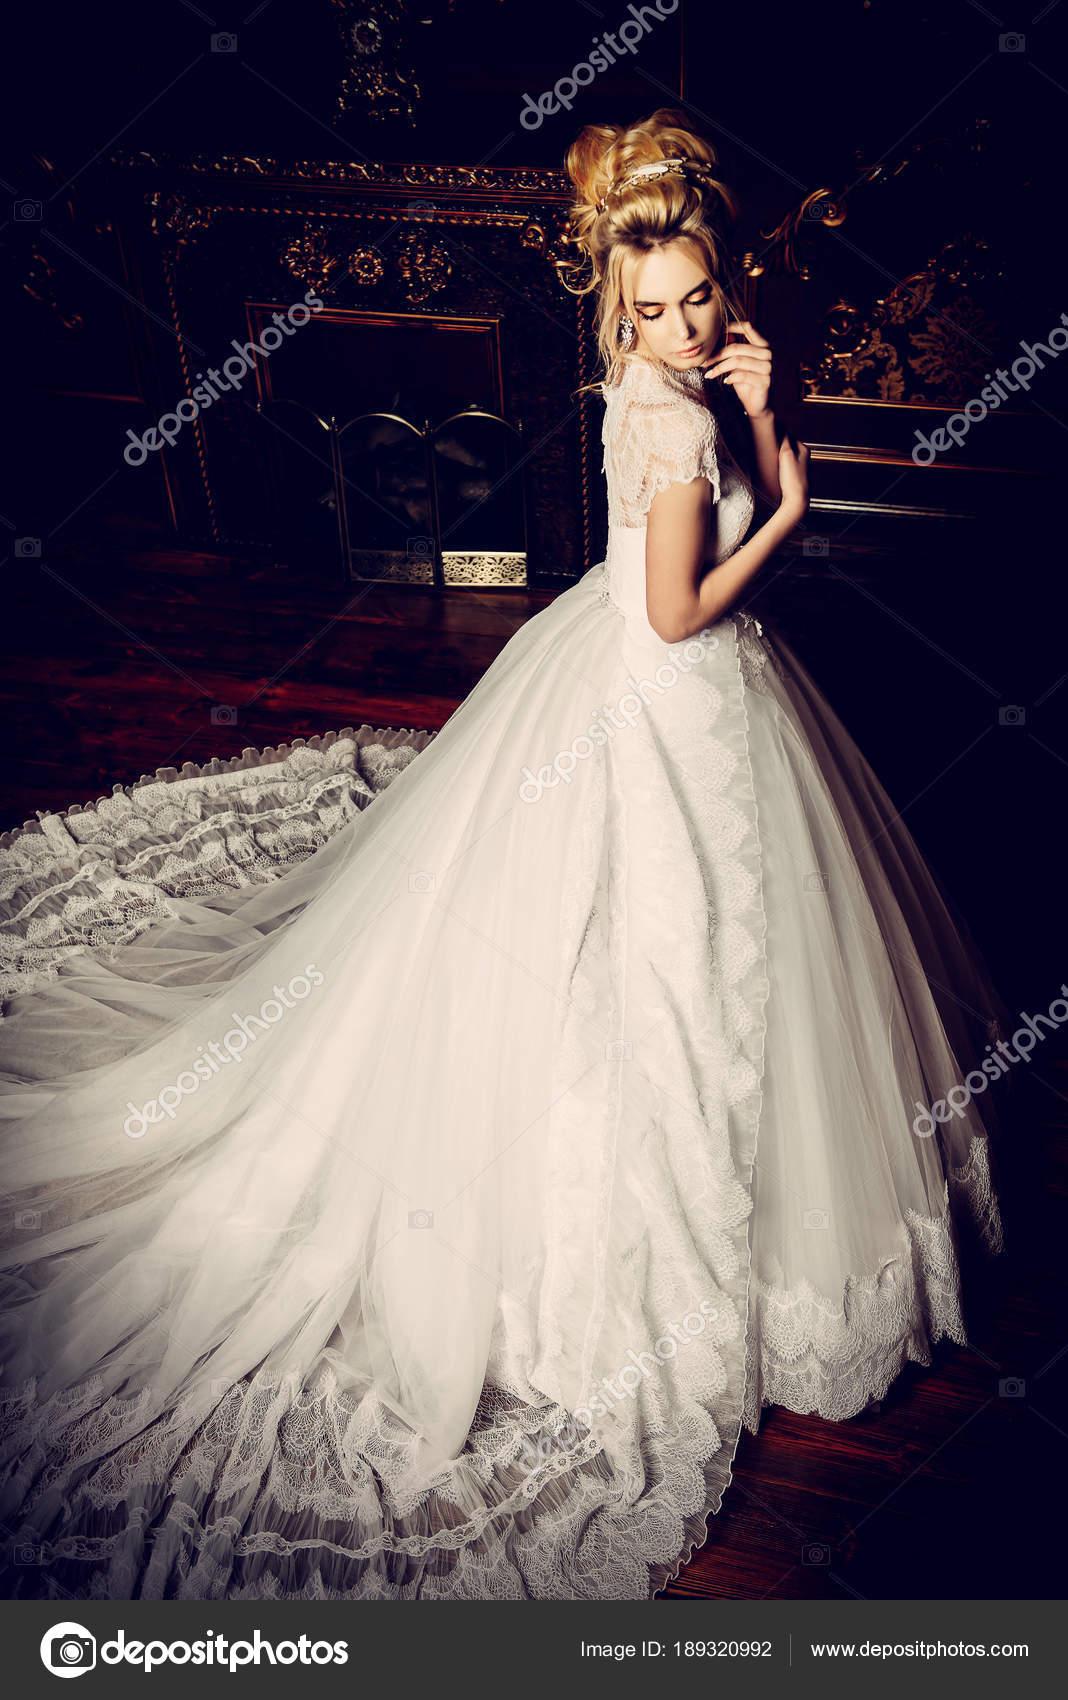 Hochzeit Spitzenkleid — Stockfoto © prometeus #189320992